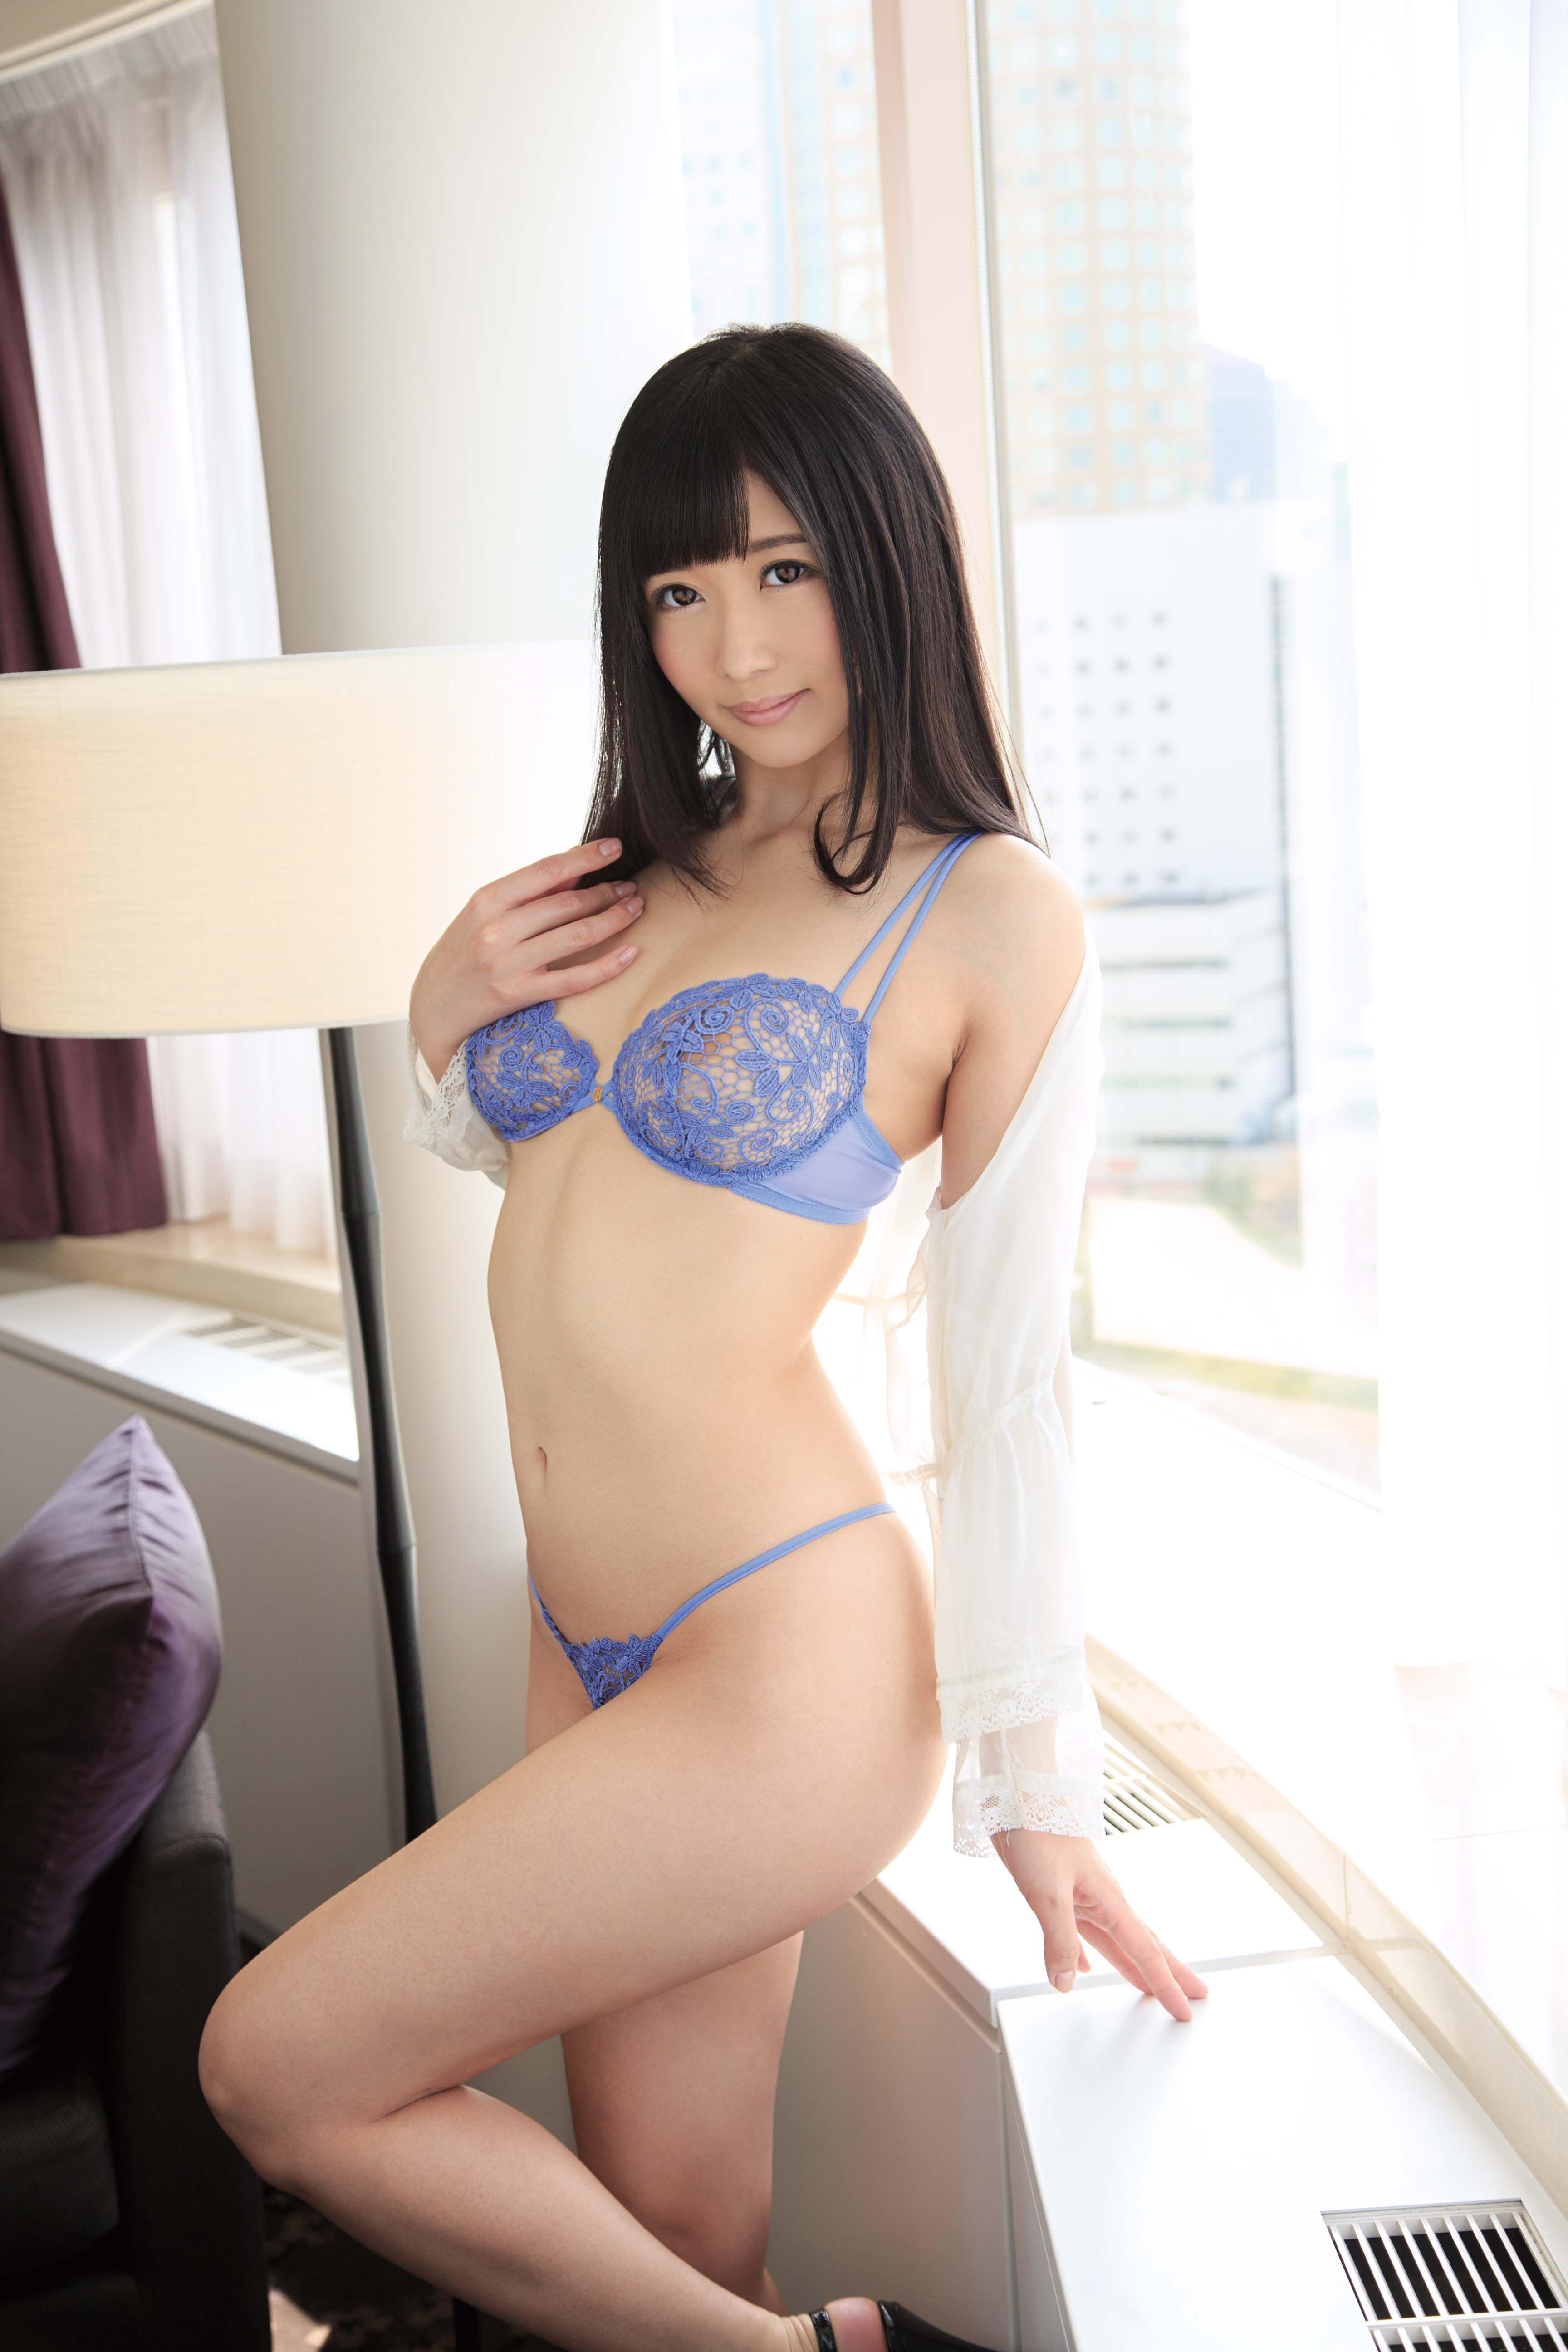 01_Hibiki Otsuki_20Z0531_RT100_sample